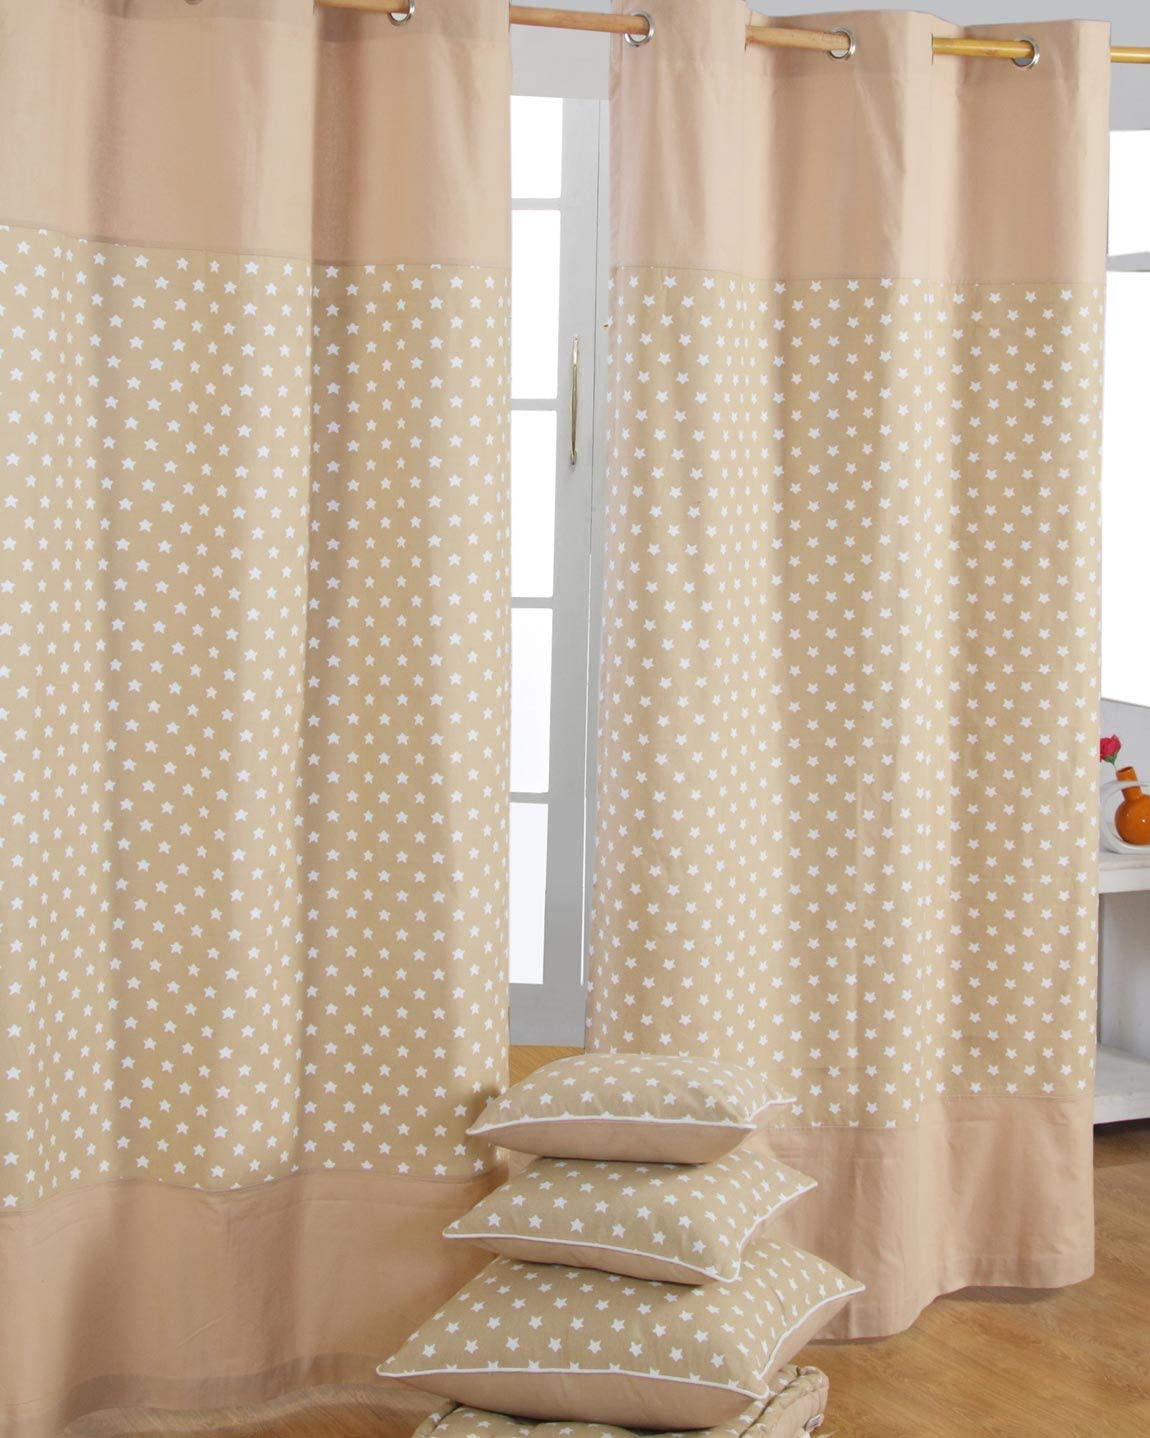 HOMESCAPES par de Cortinas de algodón Beige con Estrellas Blancas 137x182cm: Amazon.es: Hogar